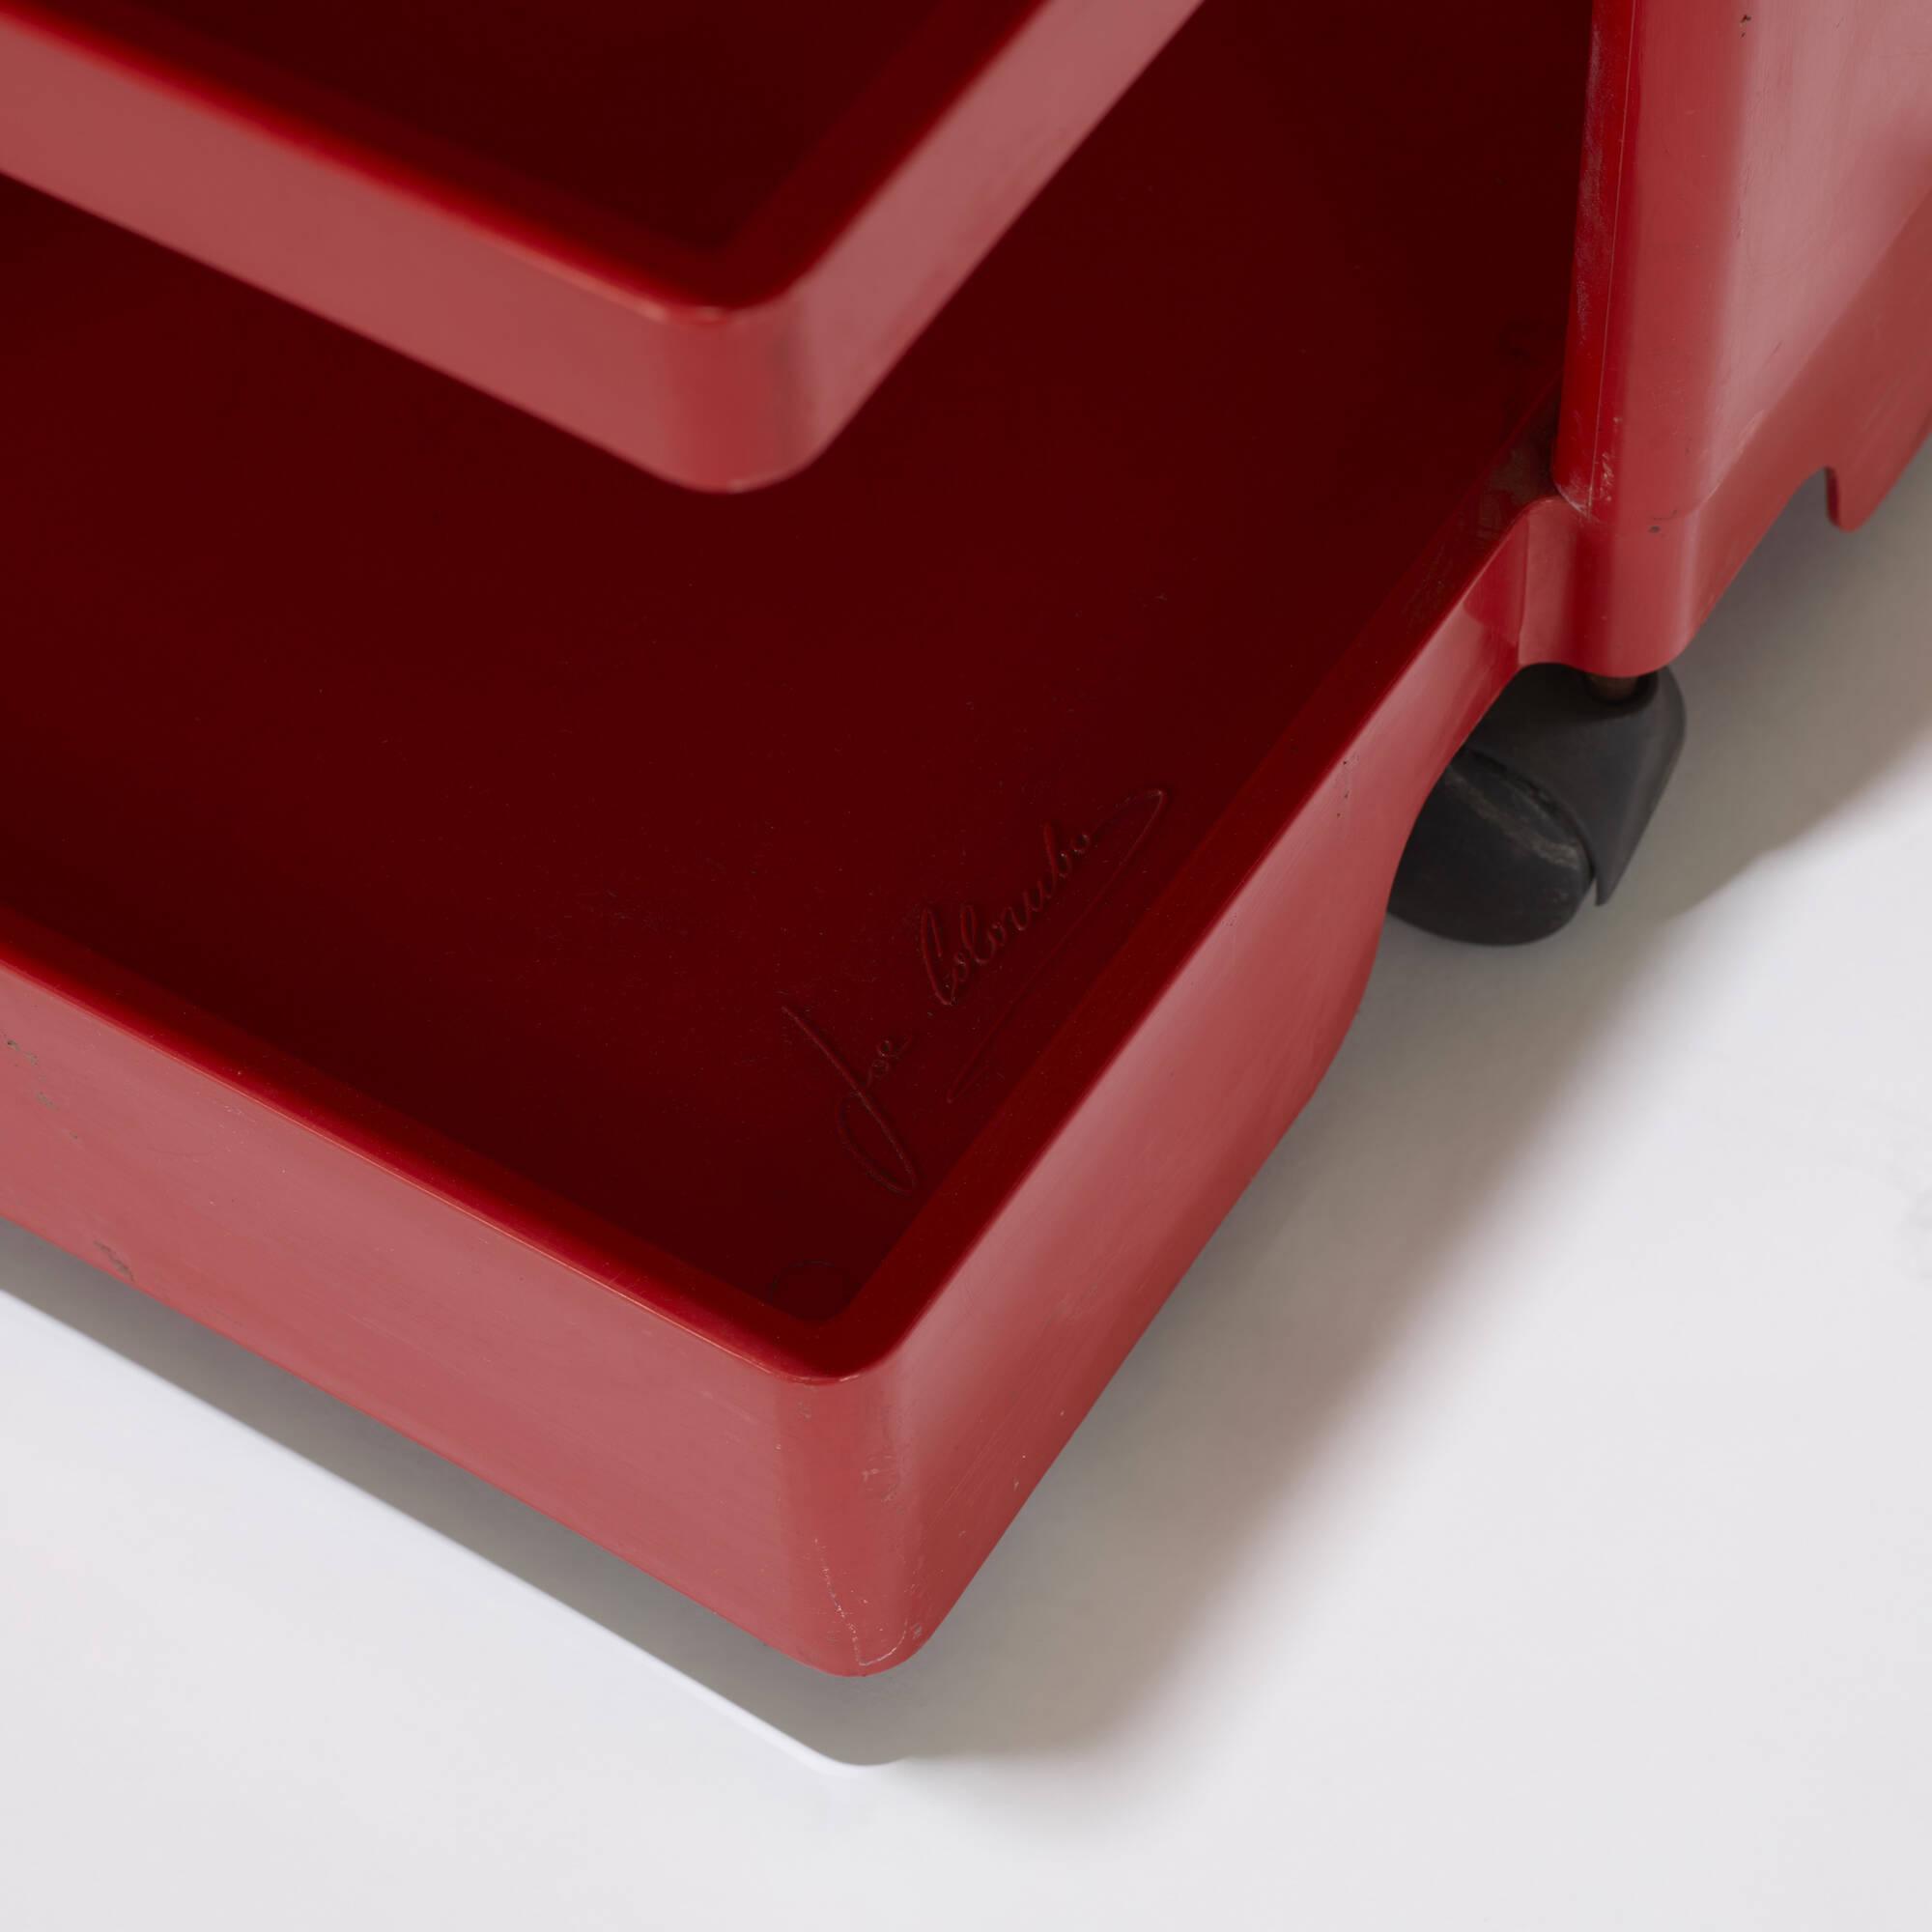 132: Joe Colombo / Boby 3 portable storage system (3 of 3)